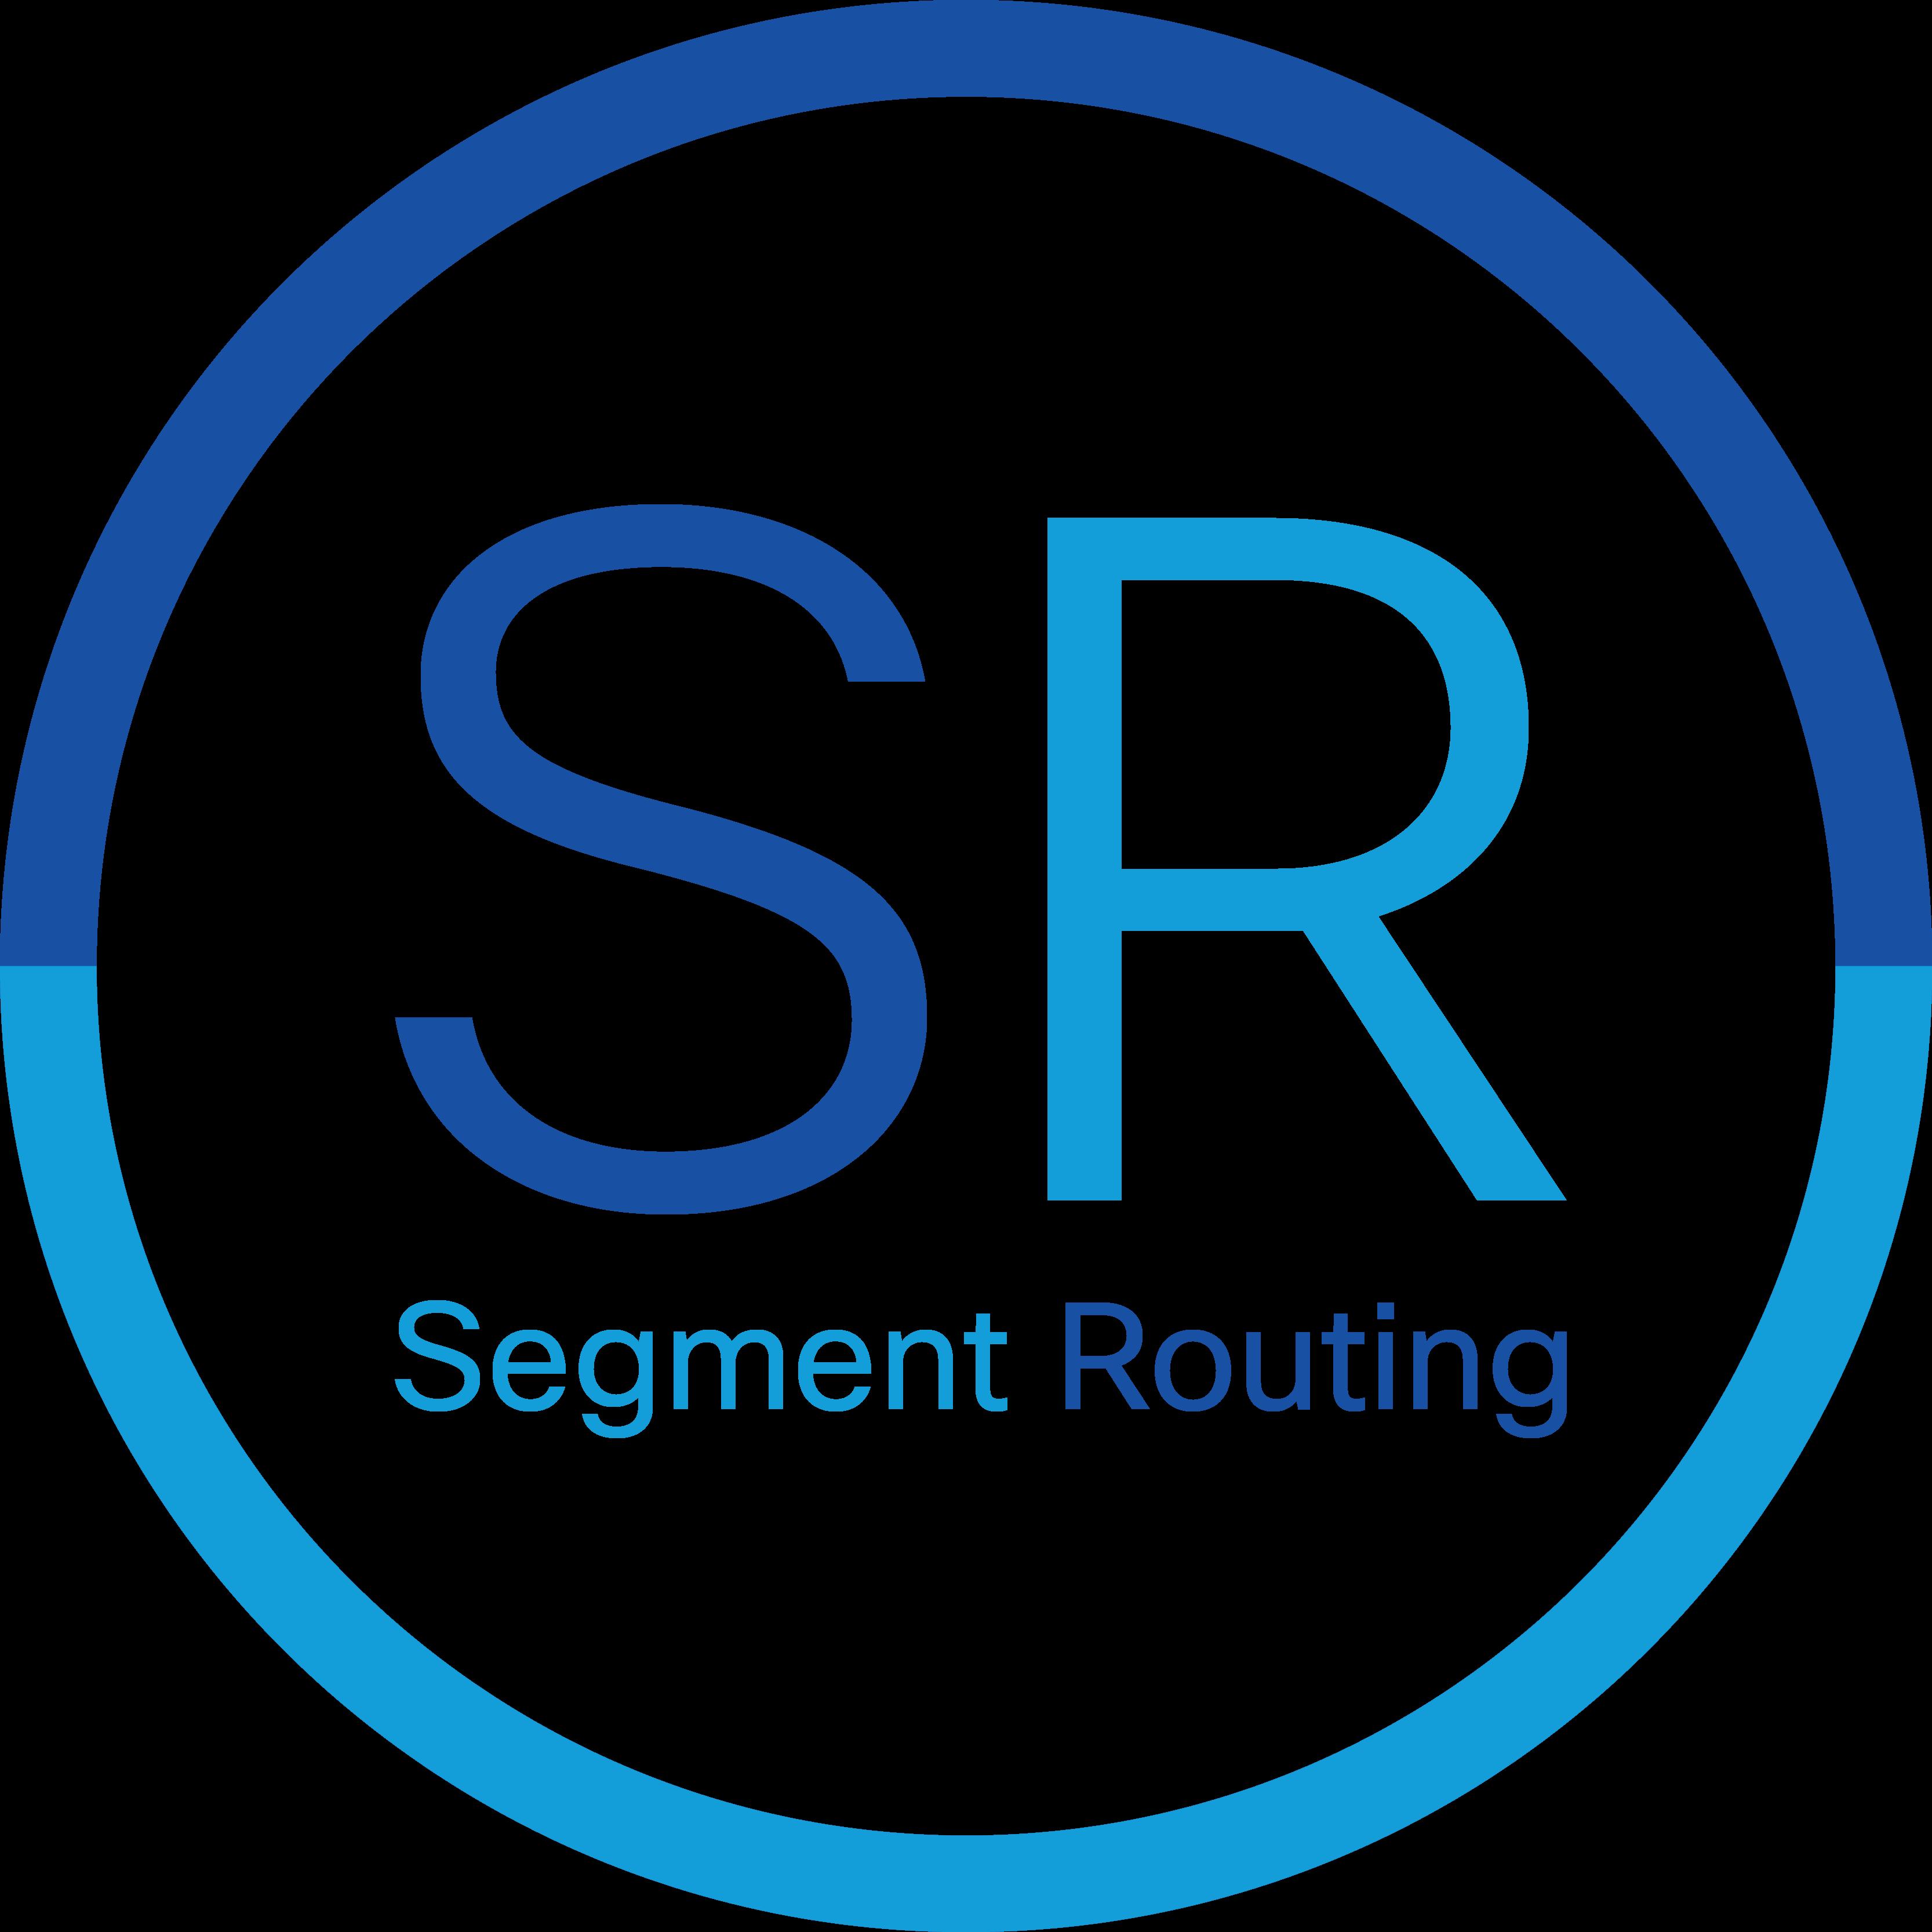 segment routing tutorials